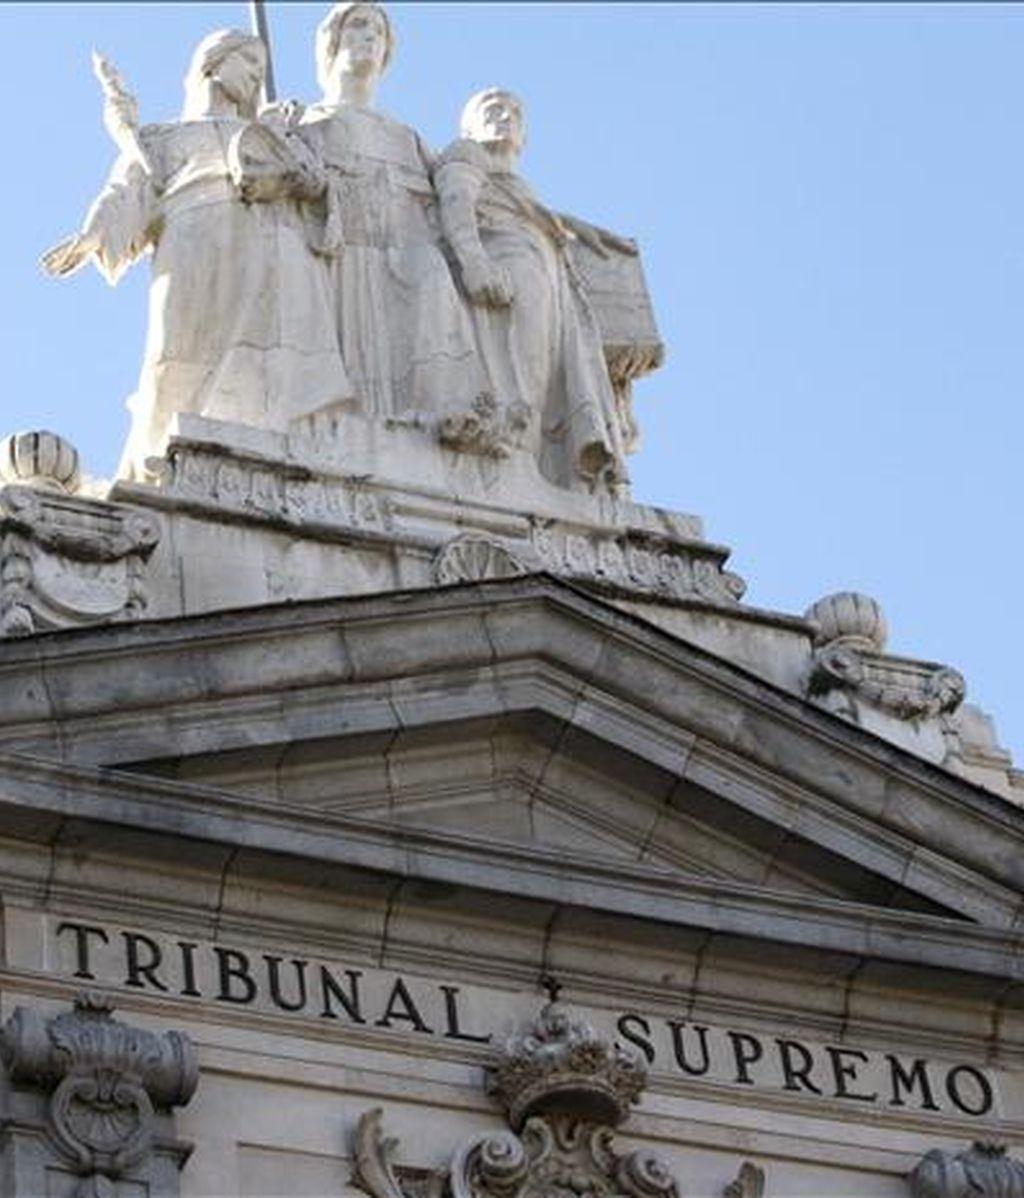 Detalle escultórico de la fachada principal del Tribunal Supremo. EFE/Archivo